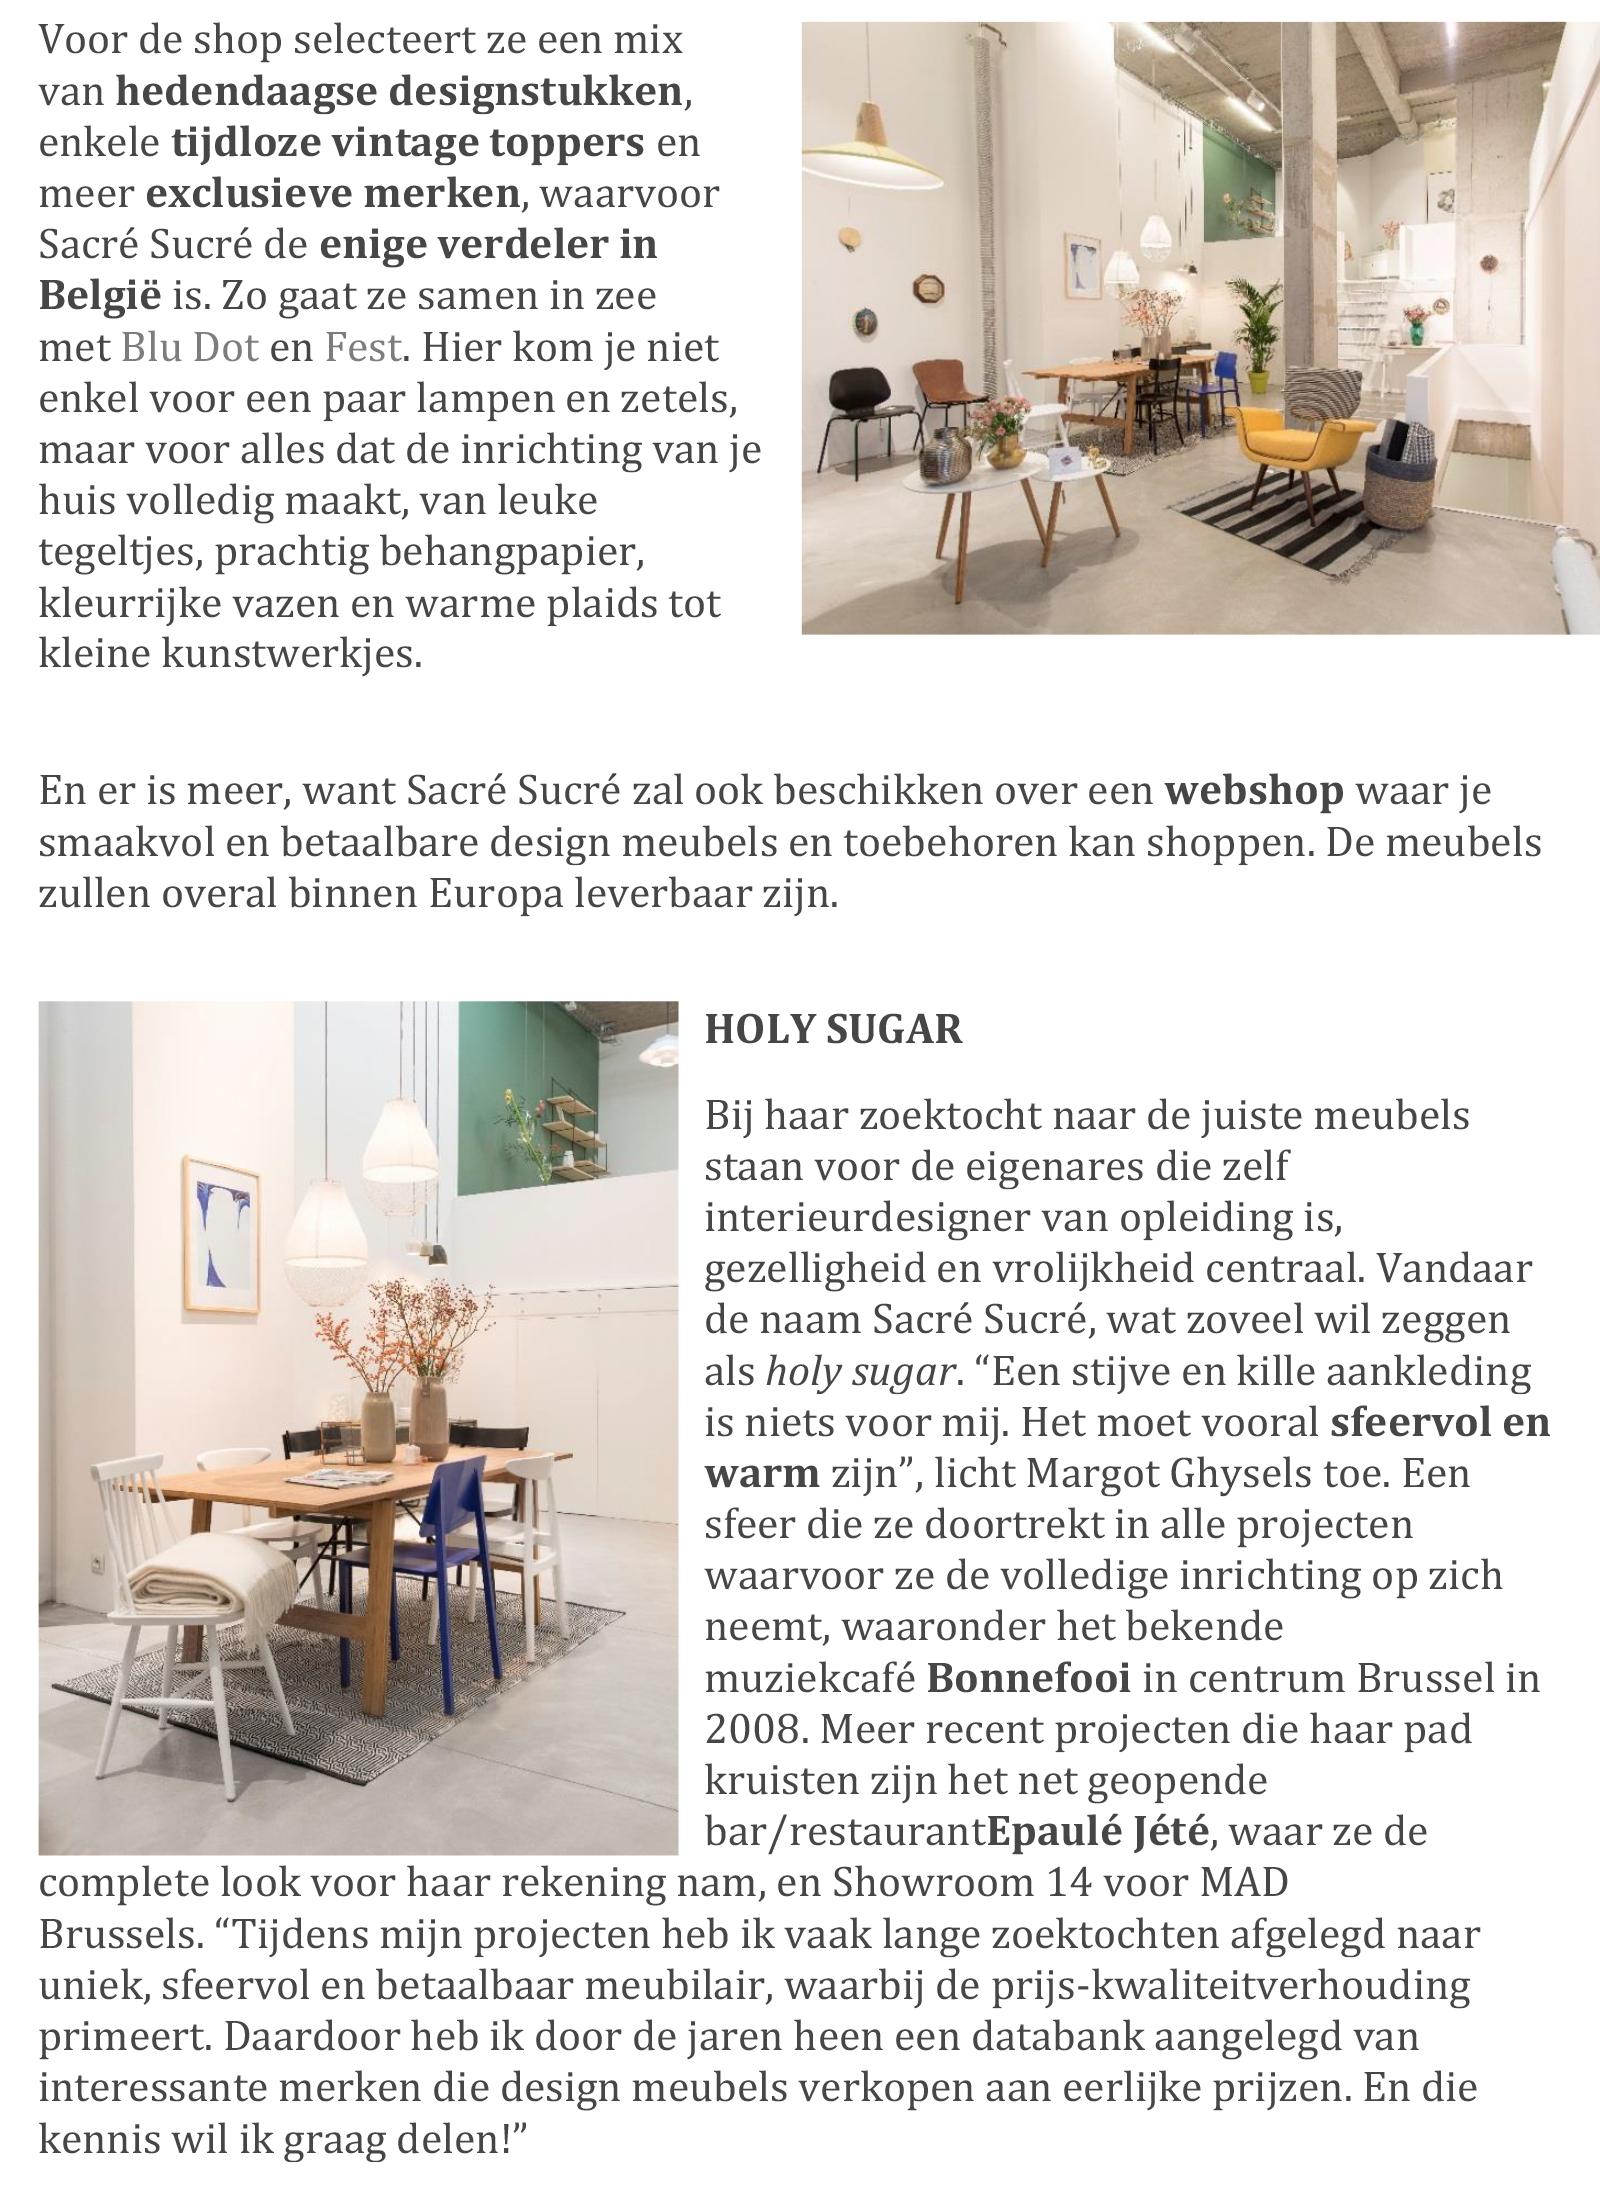 Van Til Design Meubels.Press Web Visitbrussels Sacre Sucre